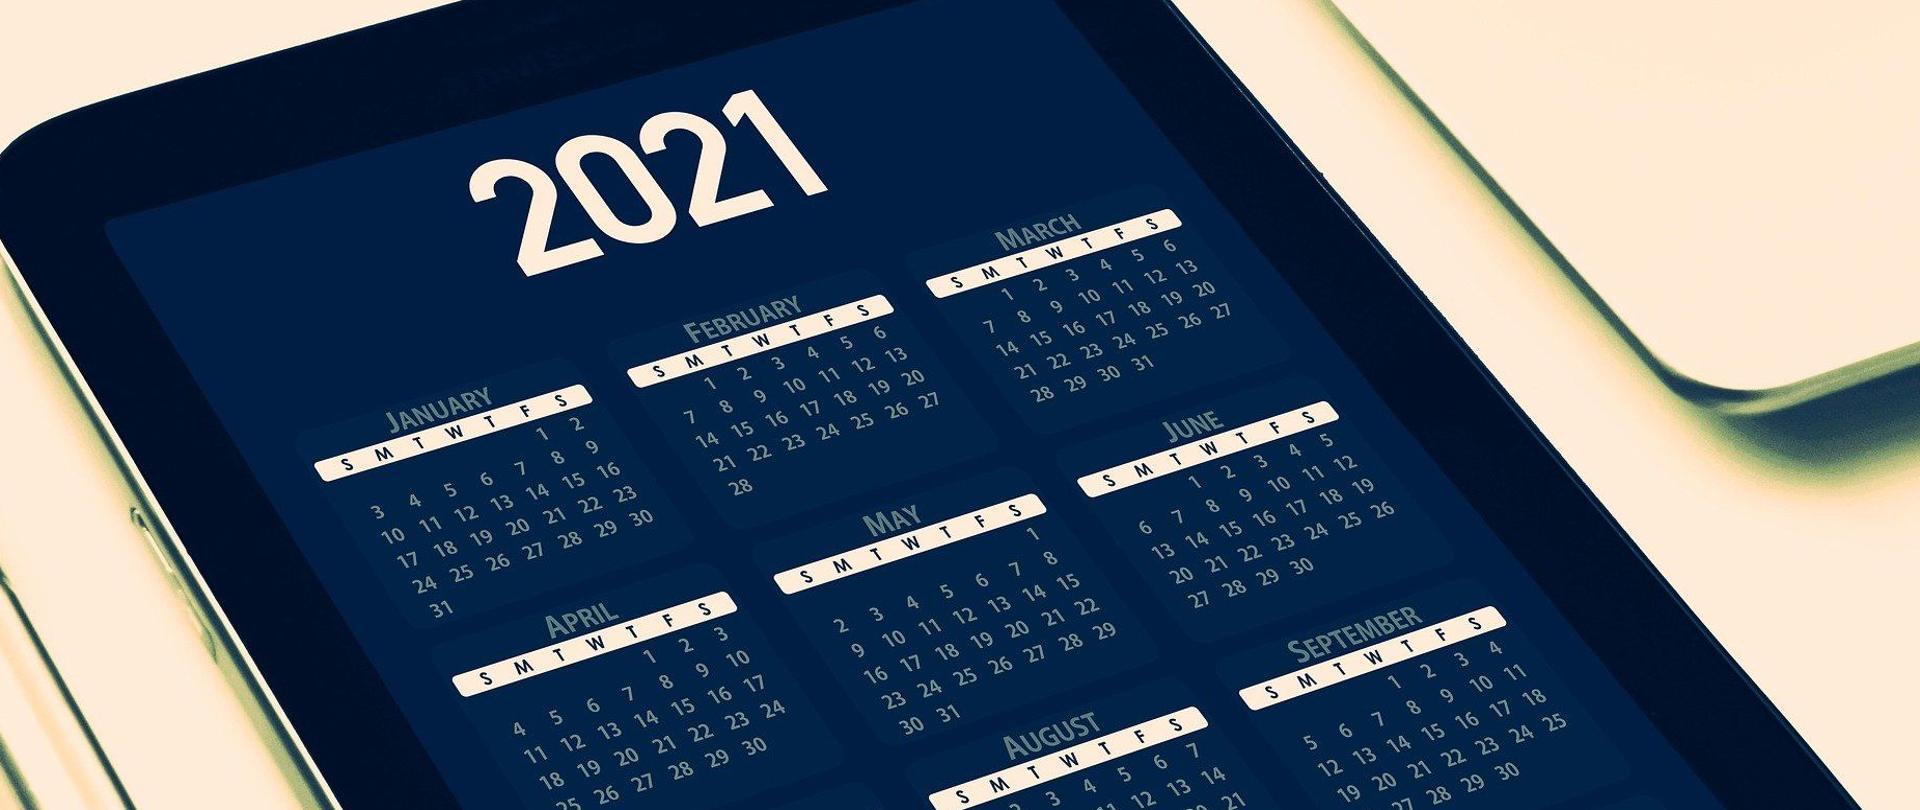 Tablet z wyświetlonym kalendarzem.